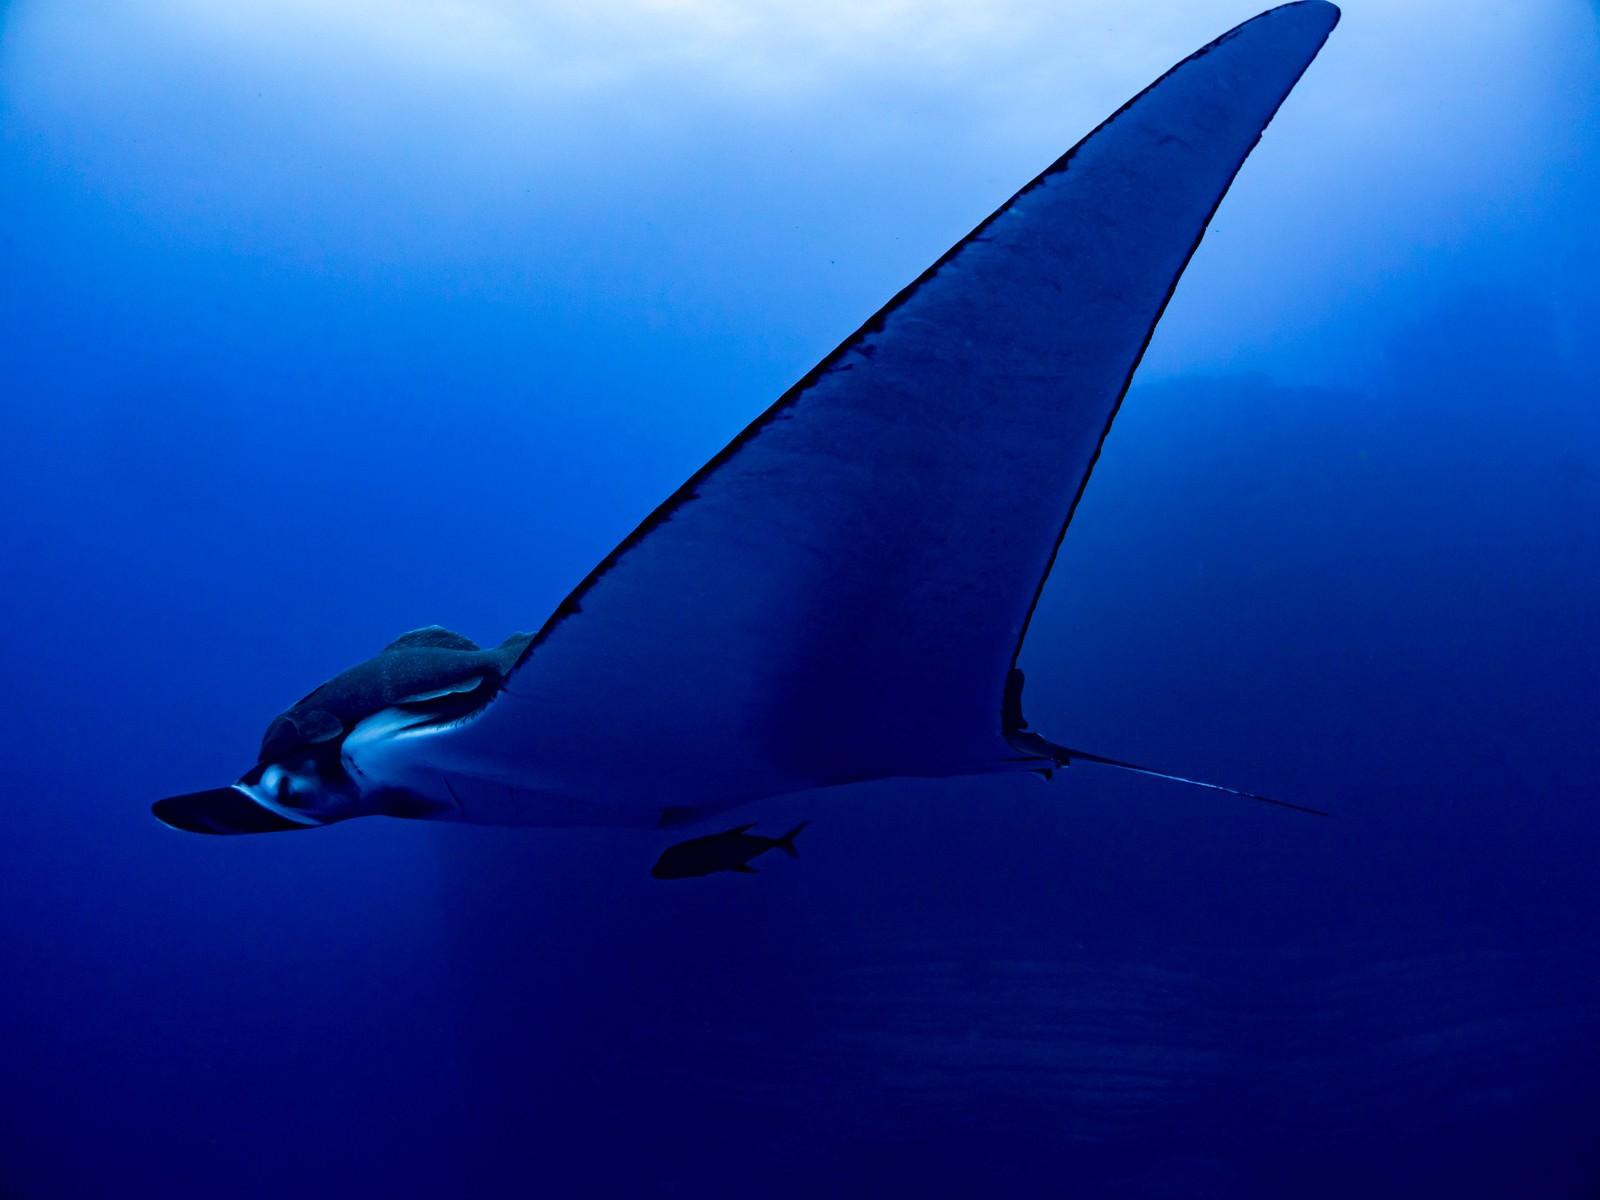 「大きな翼を持つジャイアントマンタ」の写真